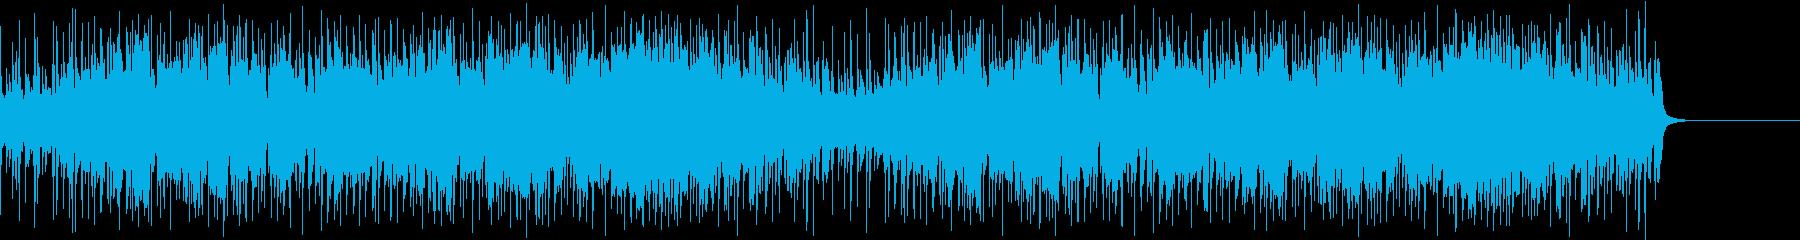 明るい音色のブラスのジングルの再生済みの波形